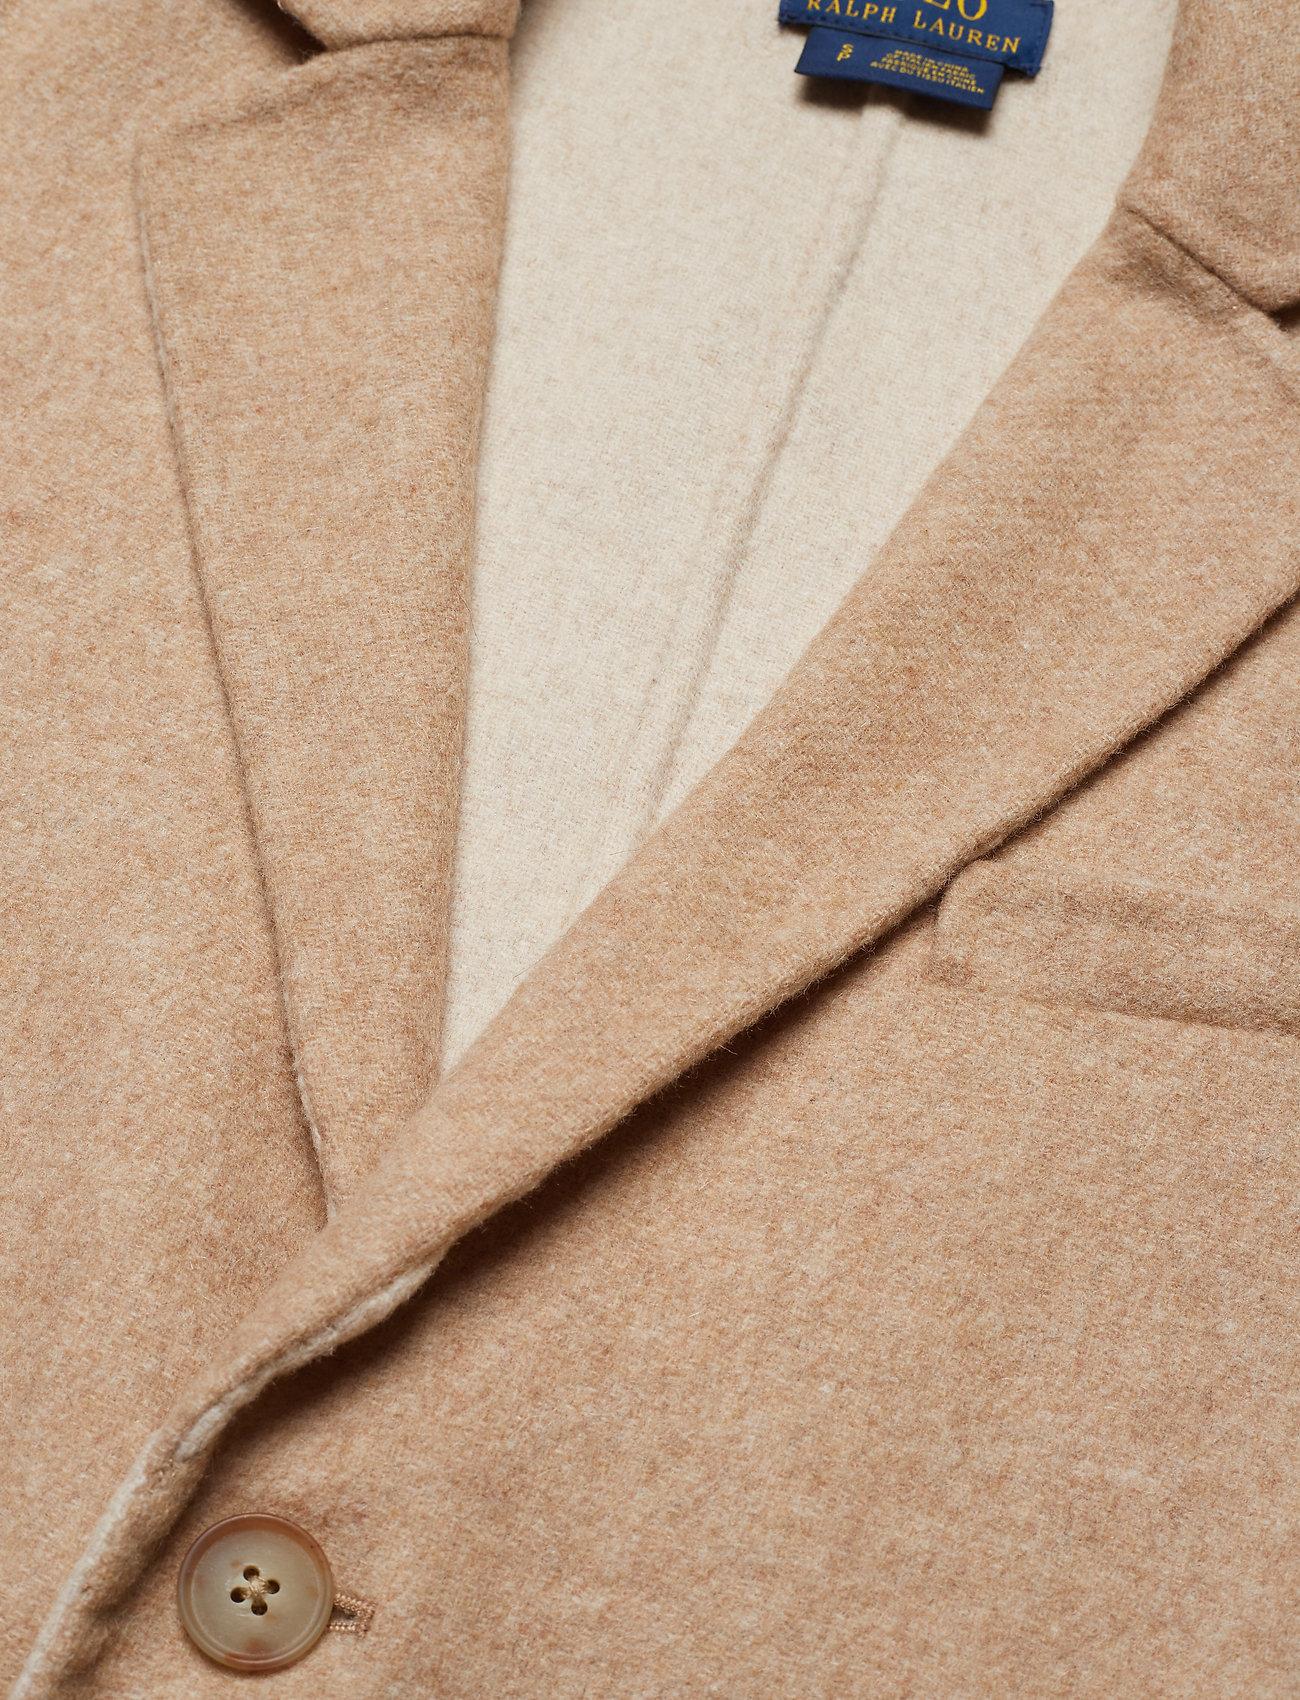 Wool-blend Peacoat (Wrm Brw Hthr/ex D) (2239.60 kr) - Polo Ralph Lauren